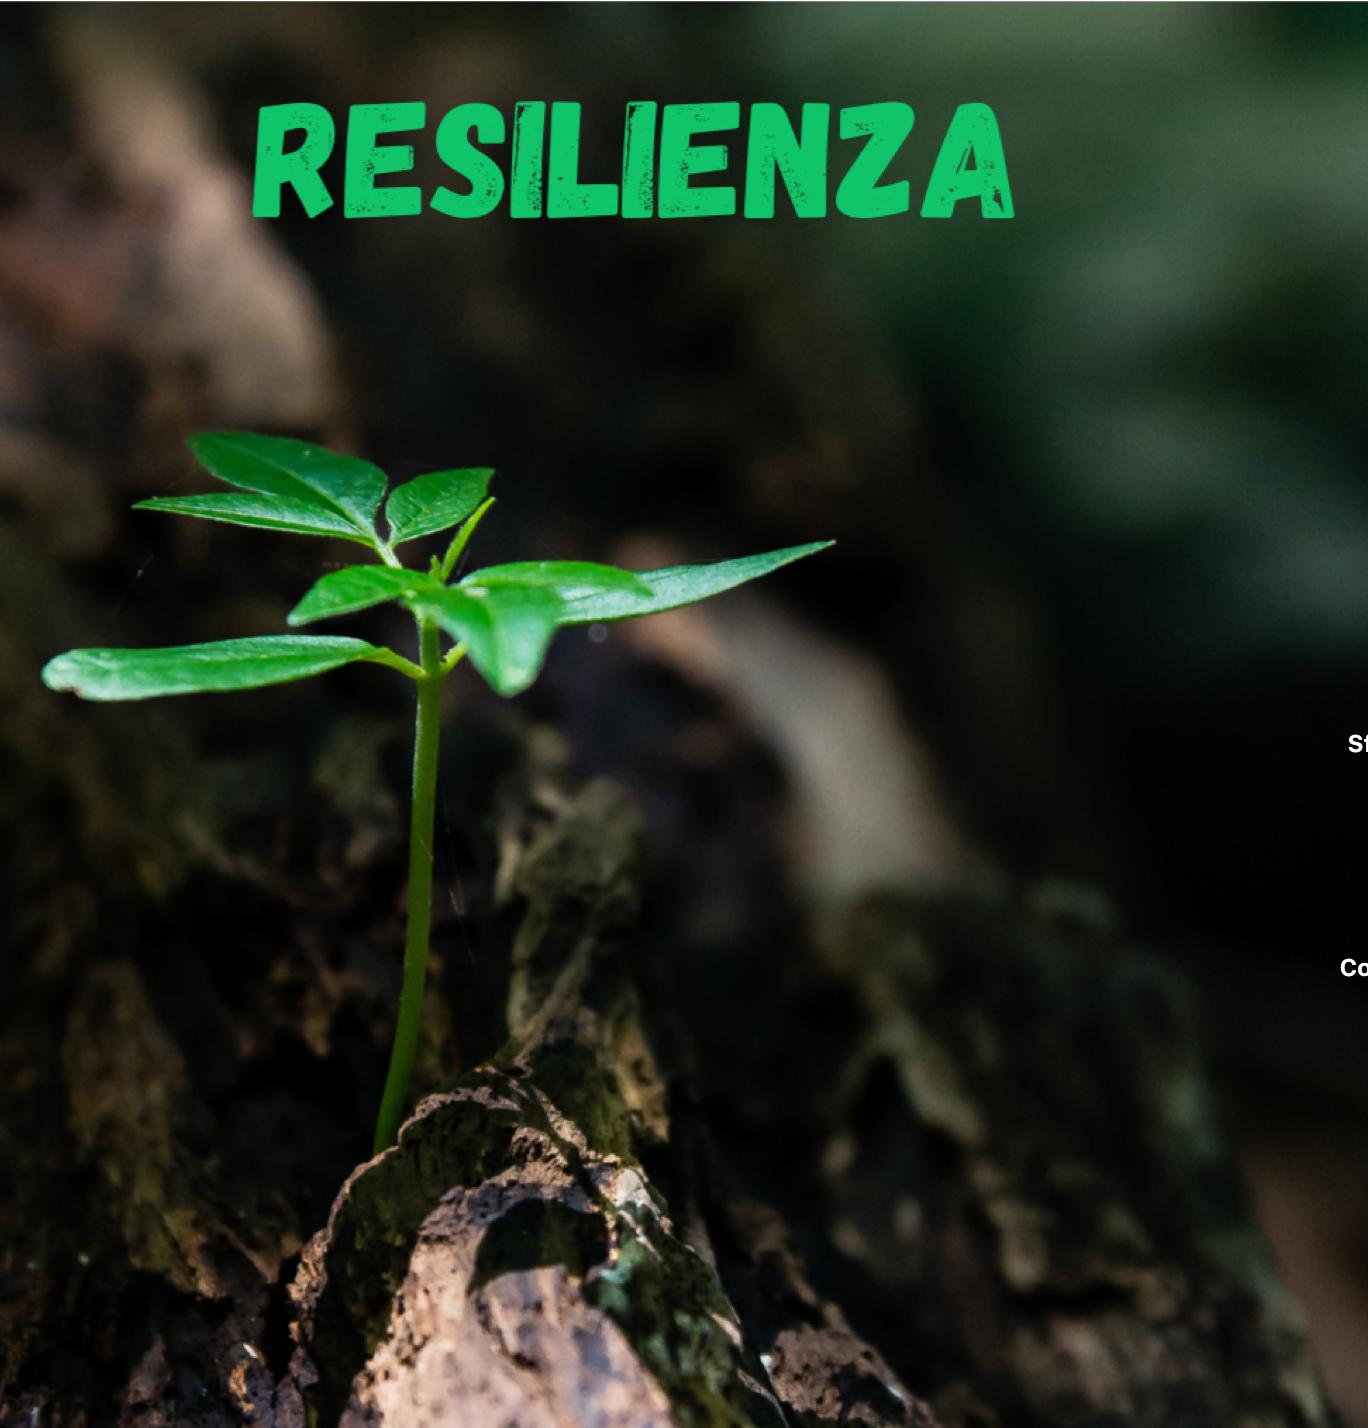 Allena la resilienza